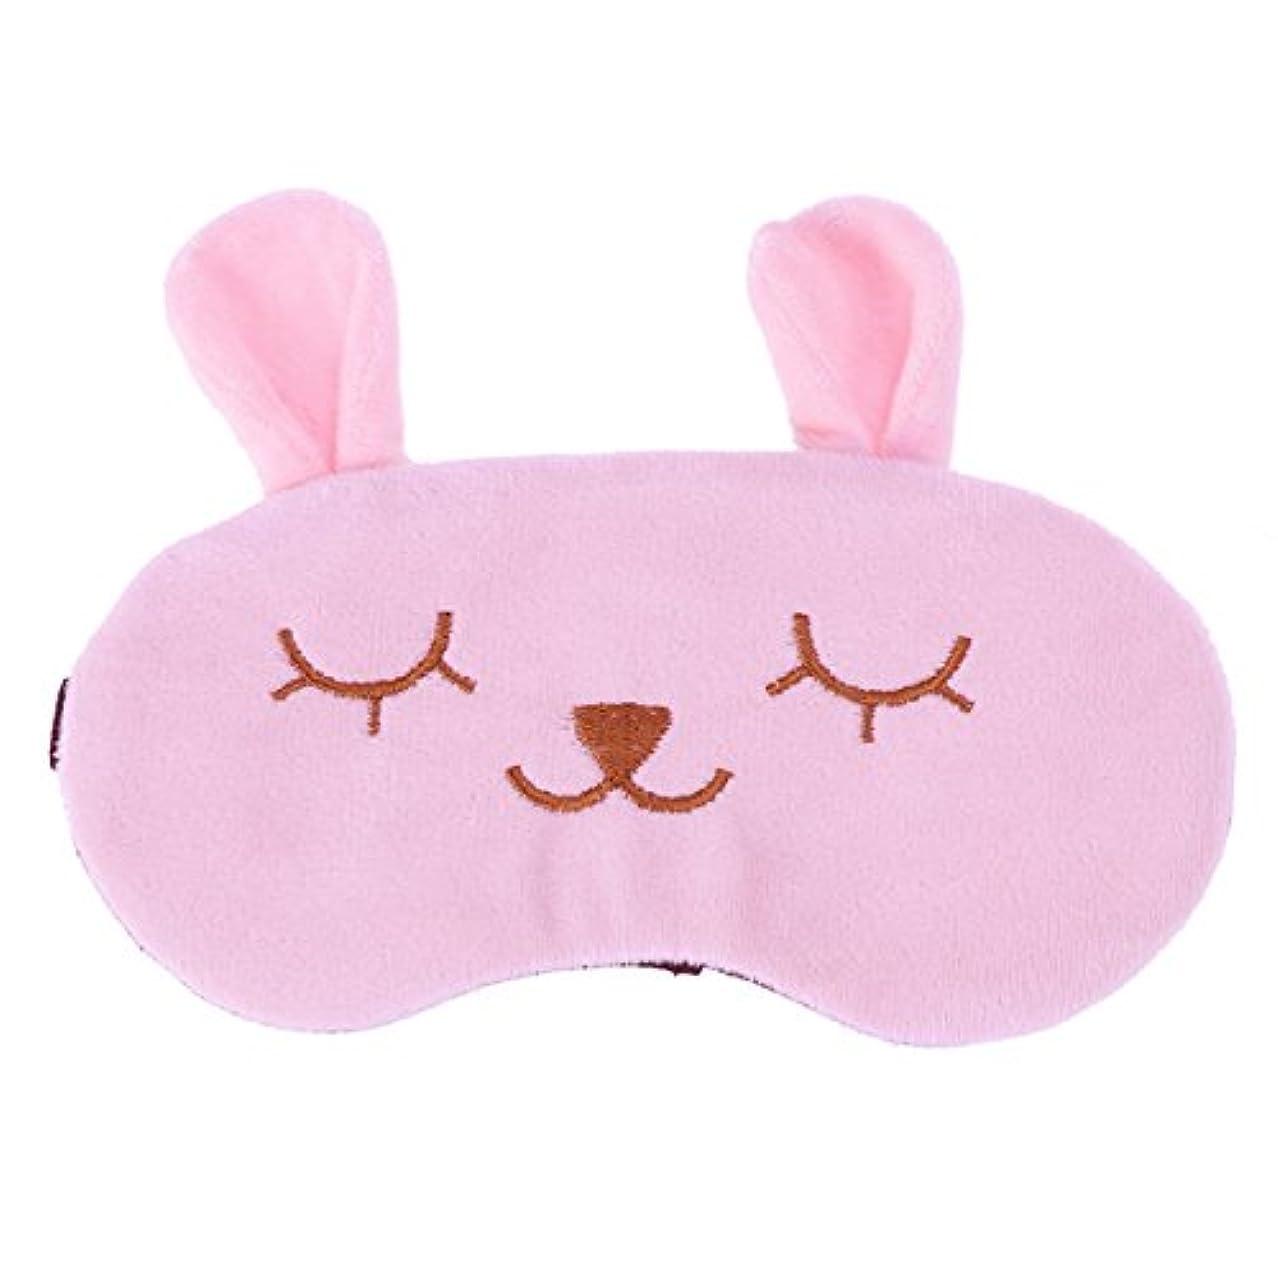 セマフォ真実に額SUPVOX 昼寝瞑想のための豪華な睡眠のアイマスクかわいい冷却目隠しアイシェードポータブル